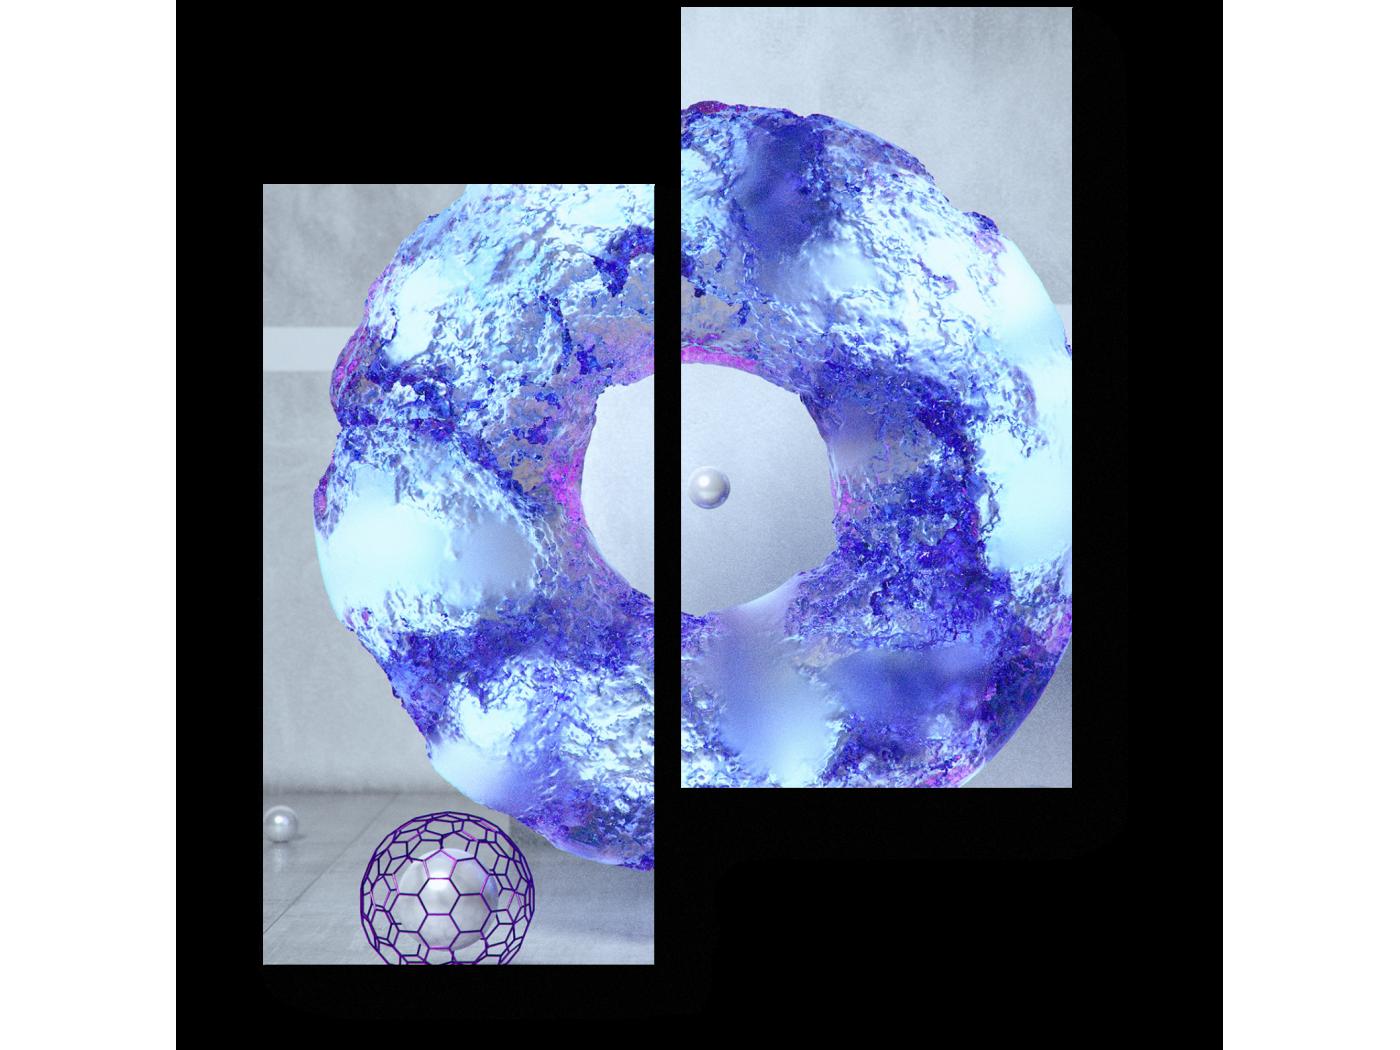 Модульная картина Небесный цвет (40x50) фото